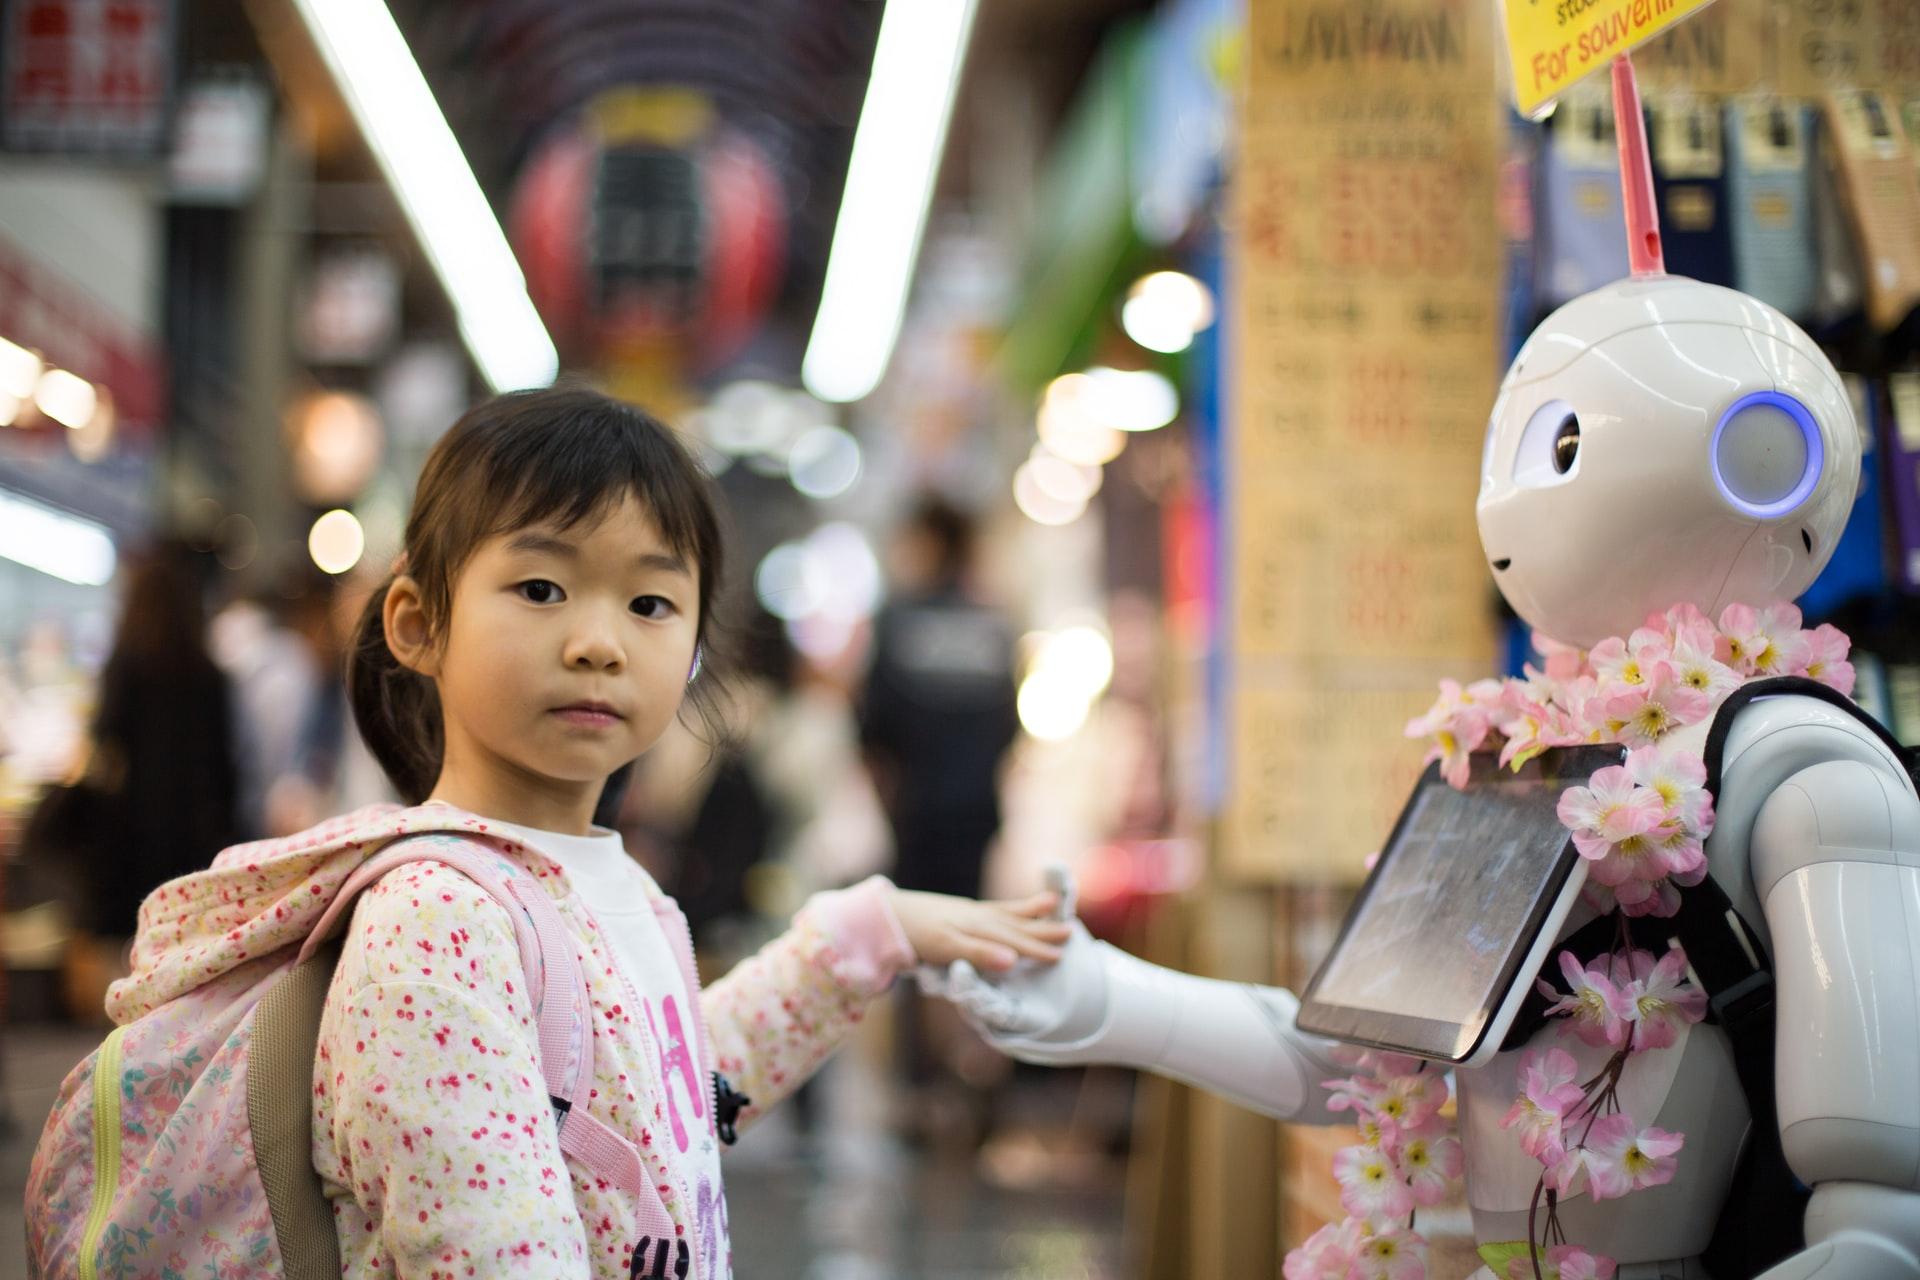 4 livres pour tout savoir sur l'intelligence artificielle